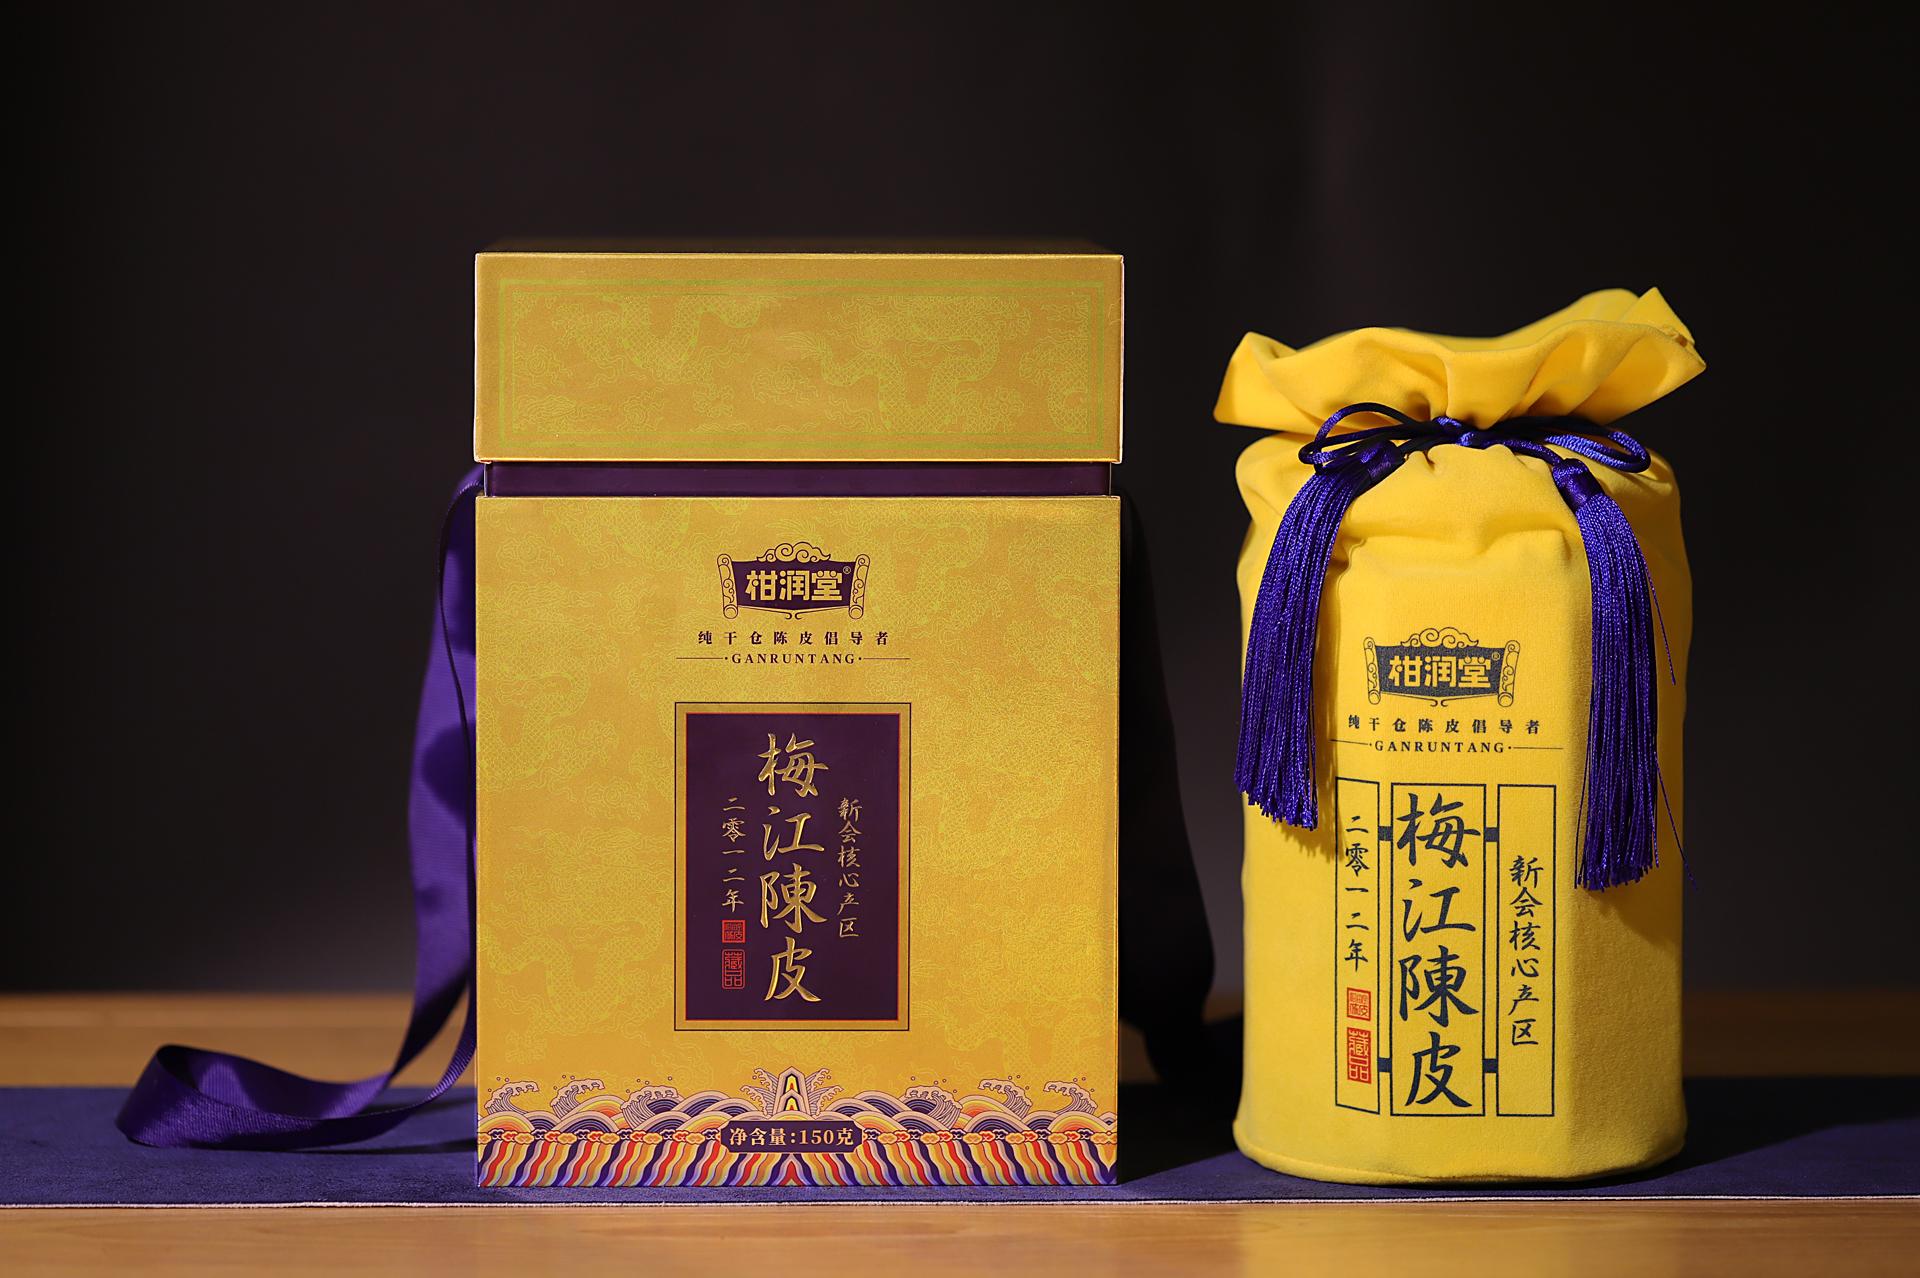 柑润堂2012年新会梅江陈皮